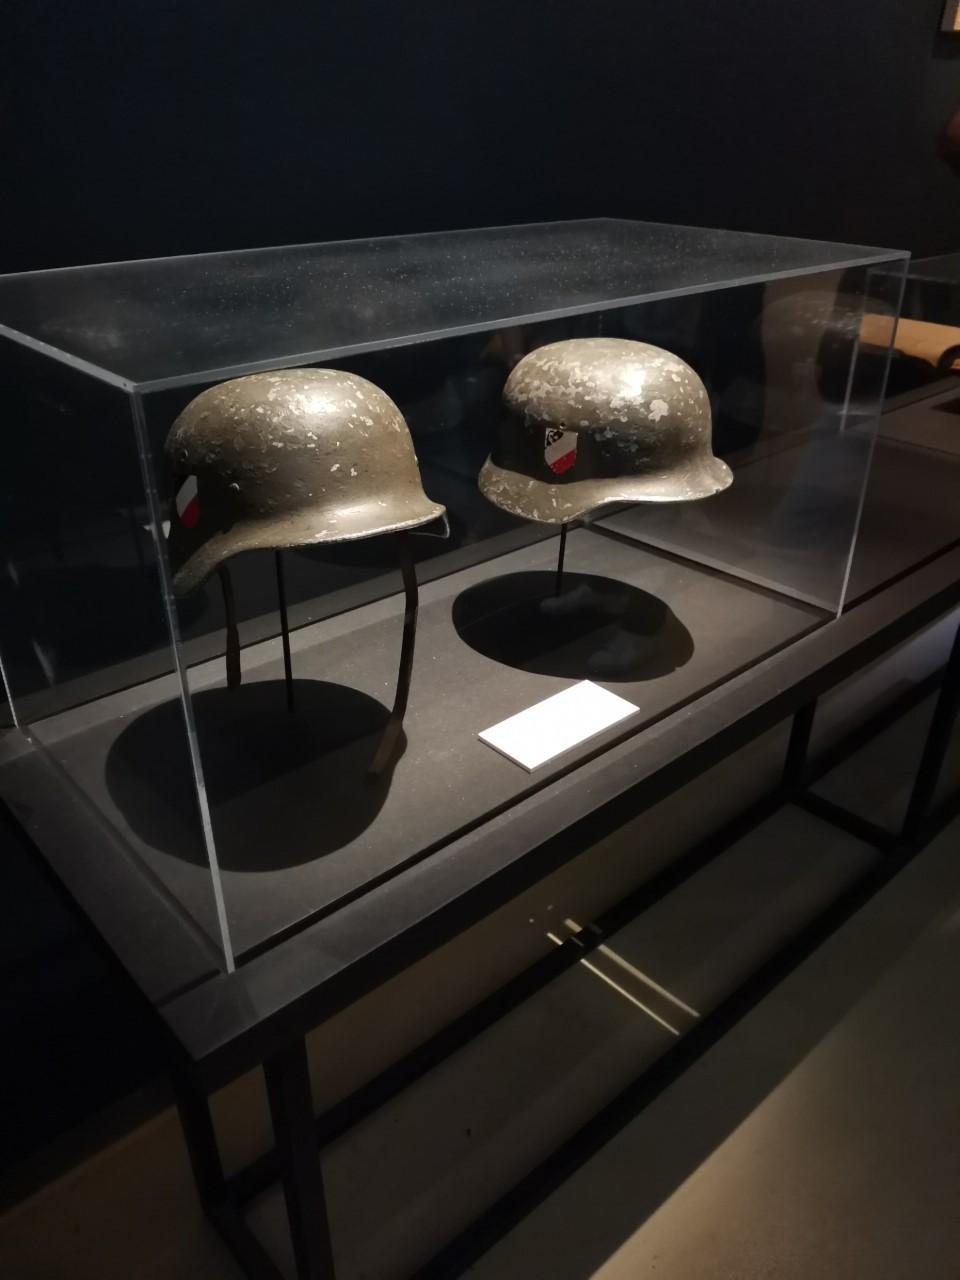 casques de Bourvil et de Louis de Funès dans la grande vadrouille Thumbn12